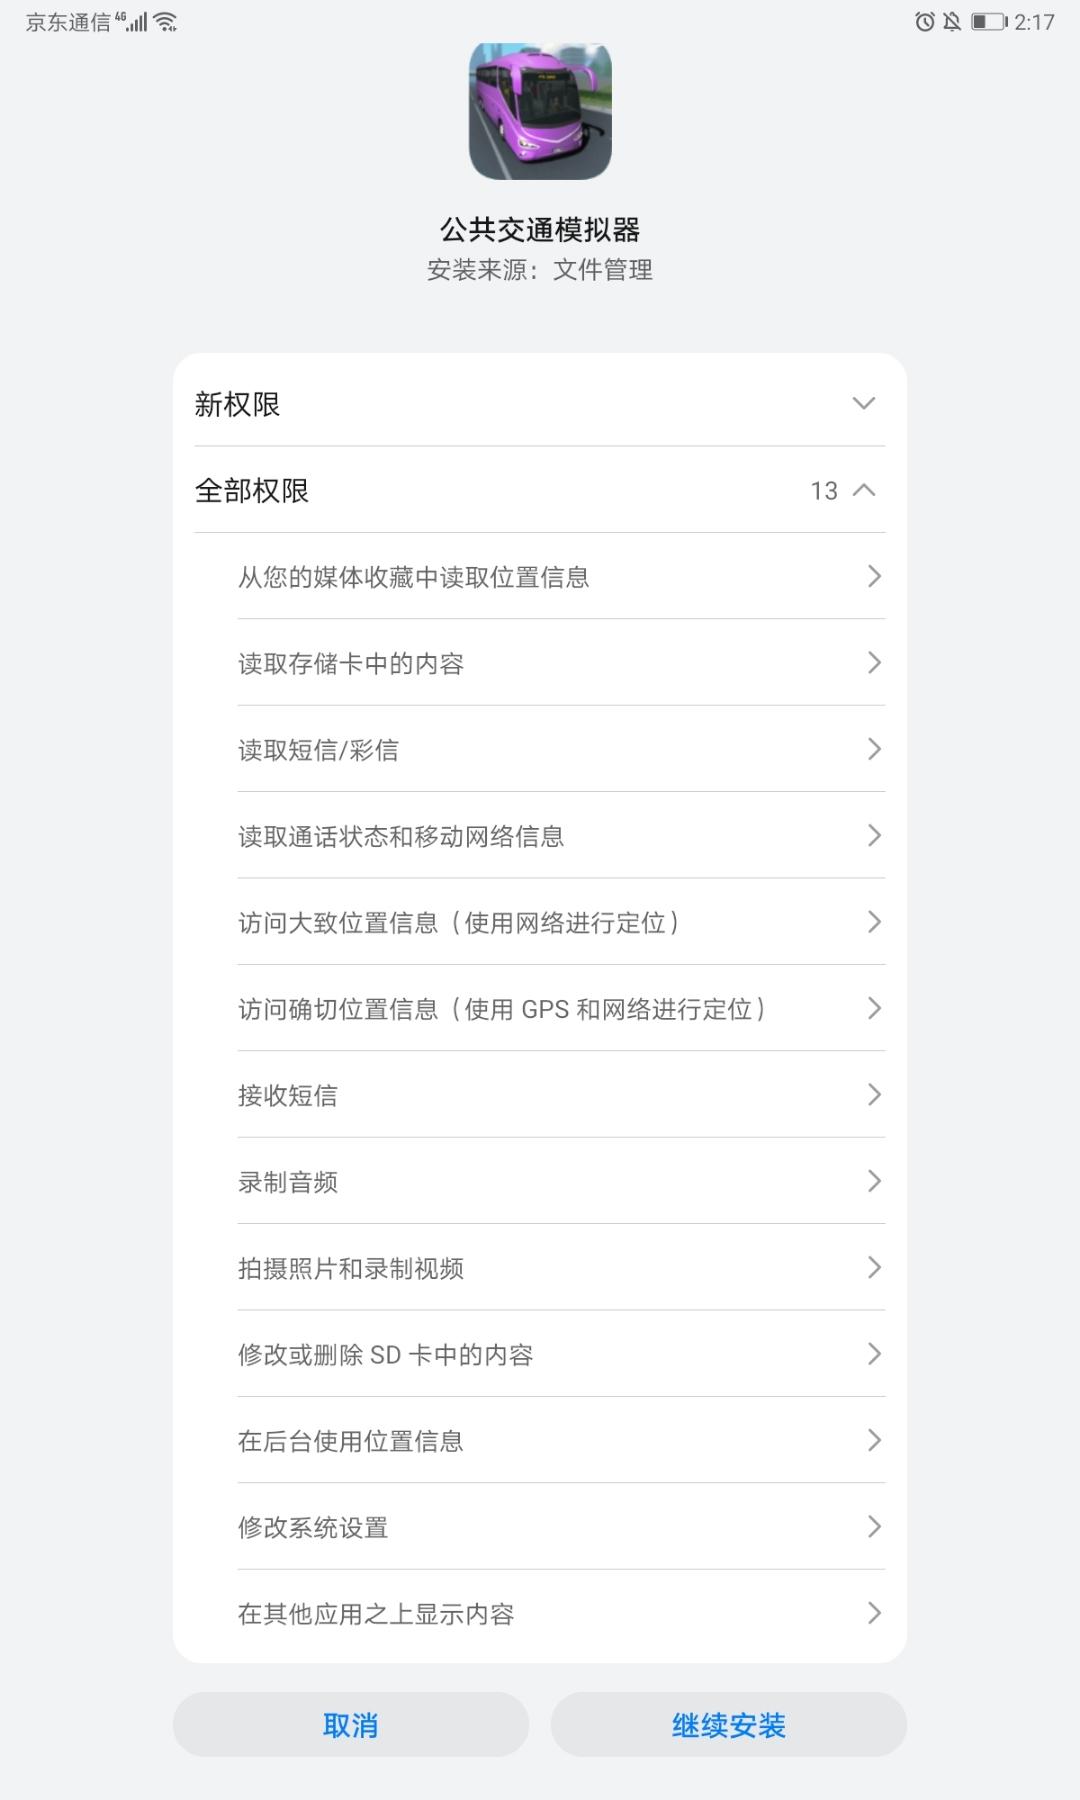 Screenshot_20210406_141712_com.android.packageinstaller.jpg